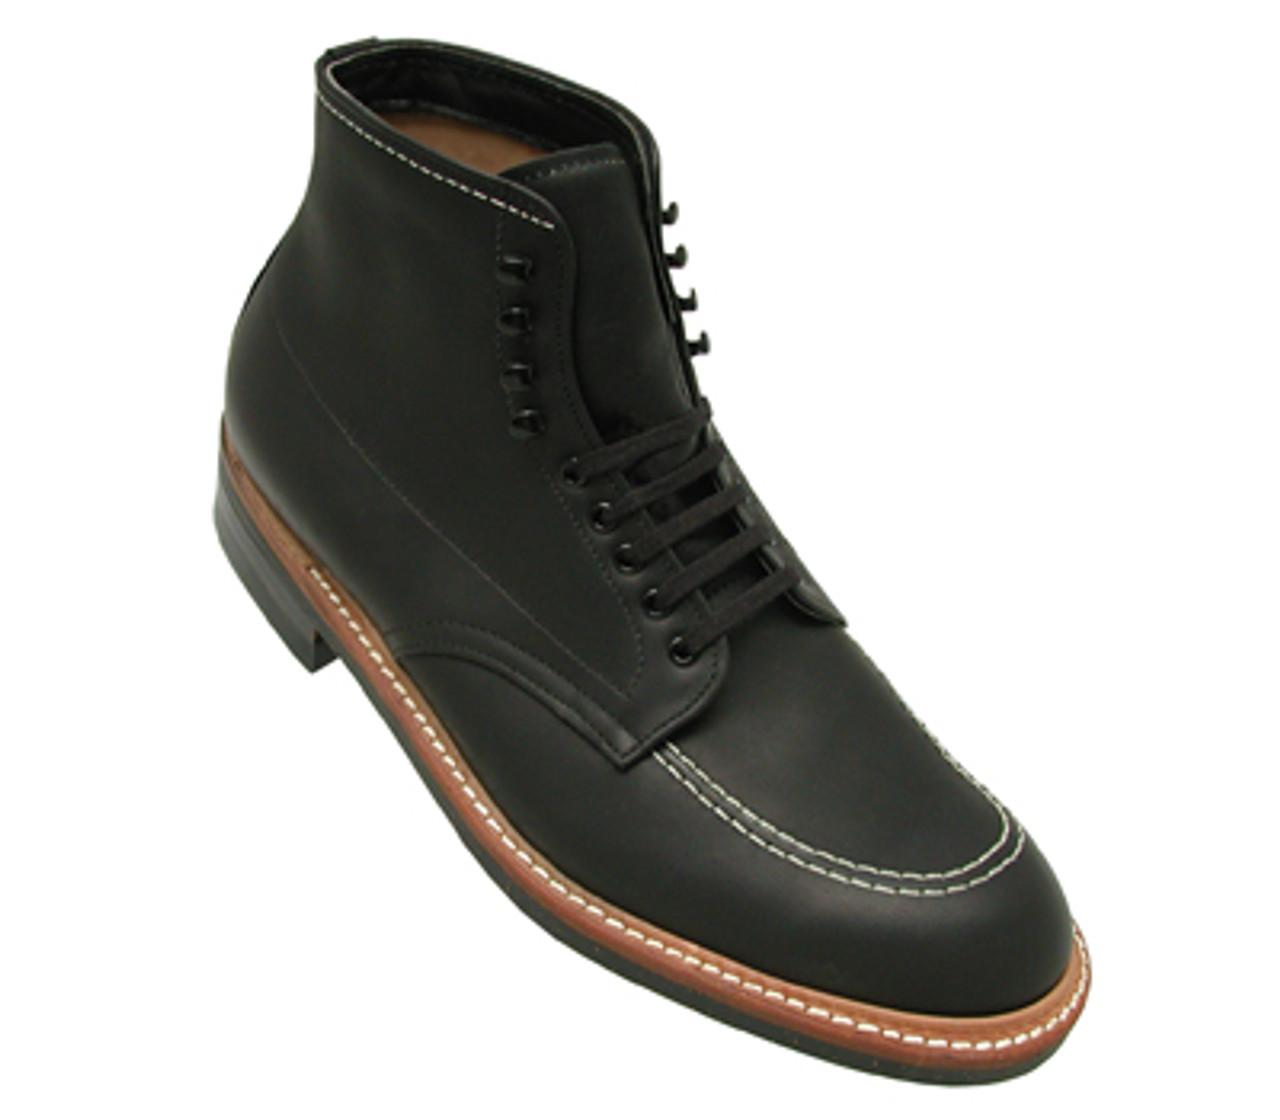 fd7af46249a Alden Indy Boot 401 Black